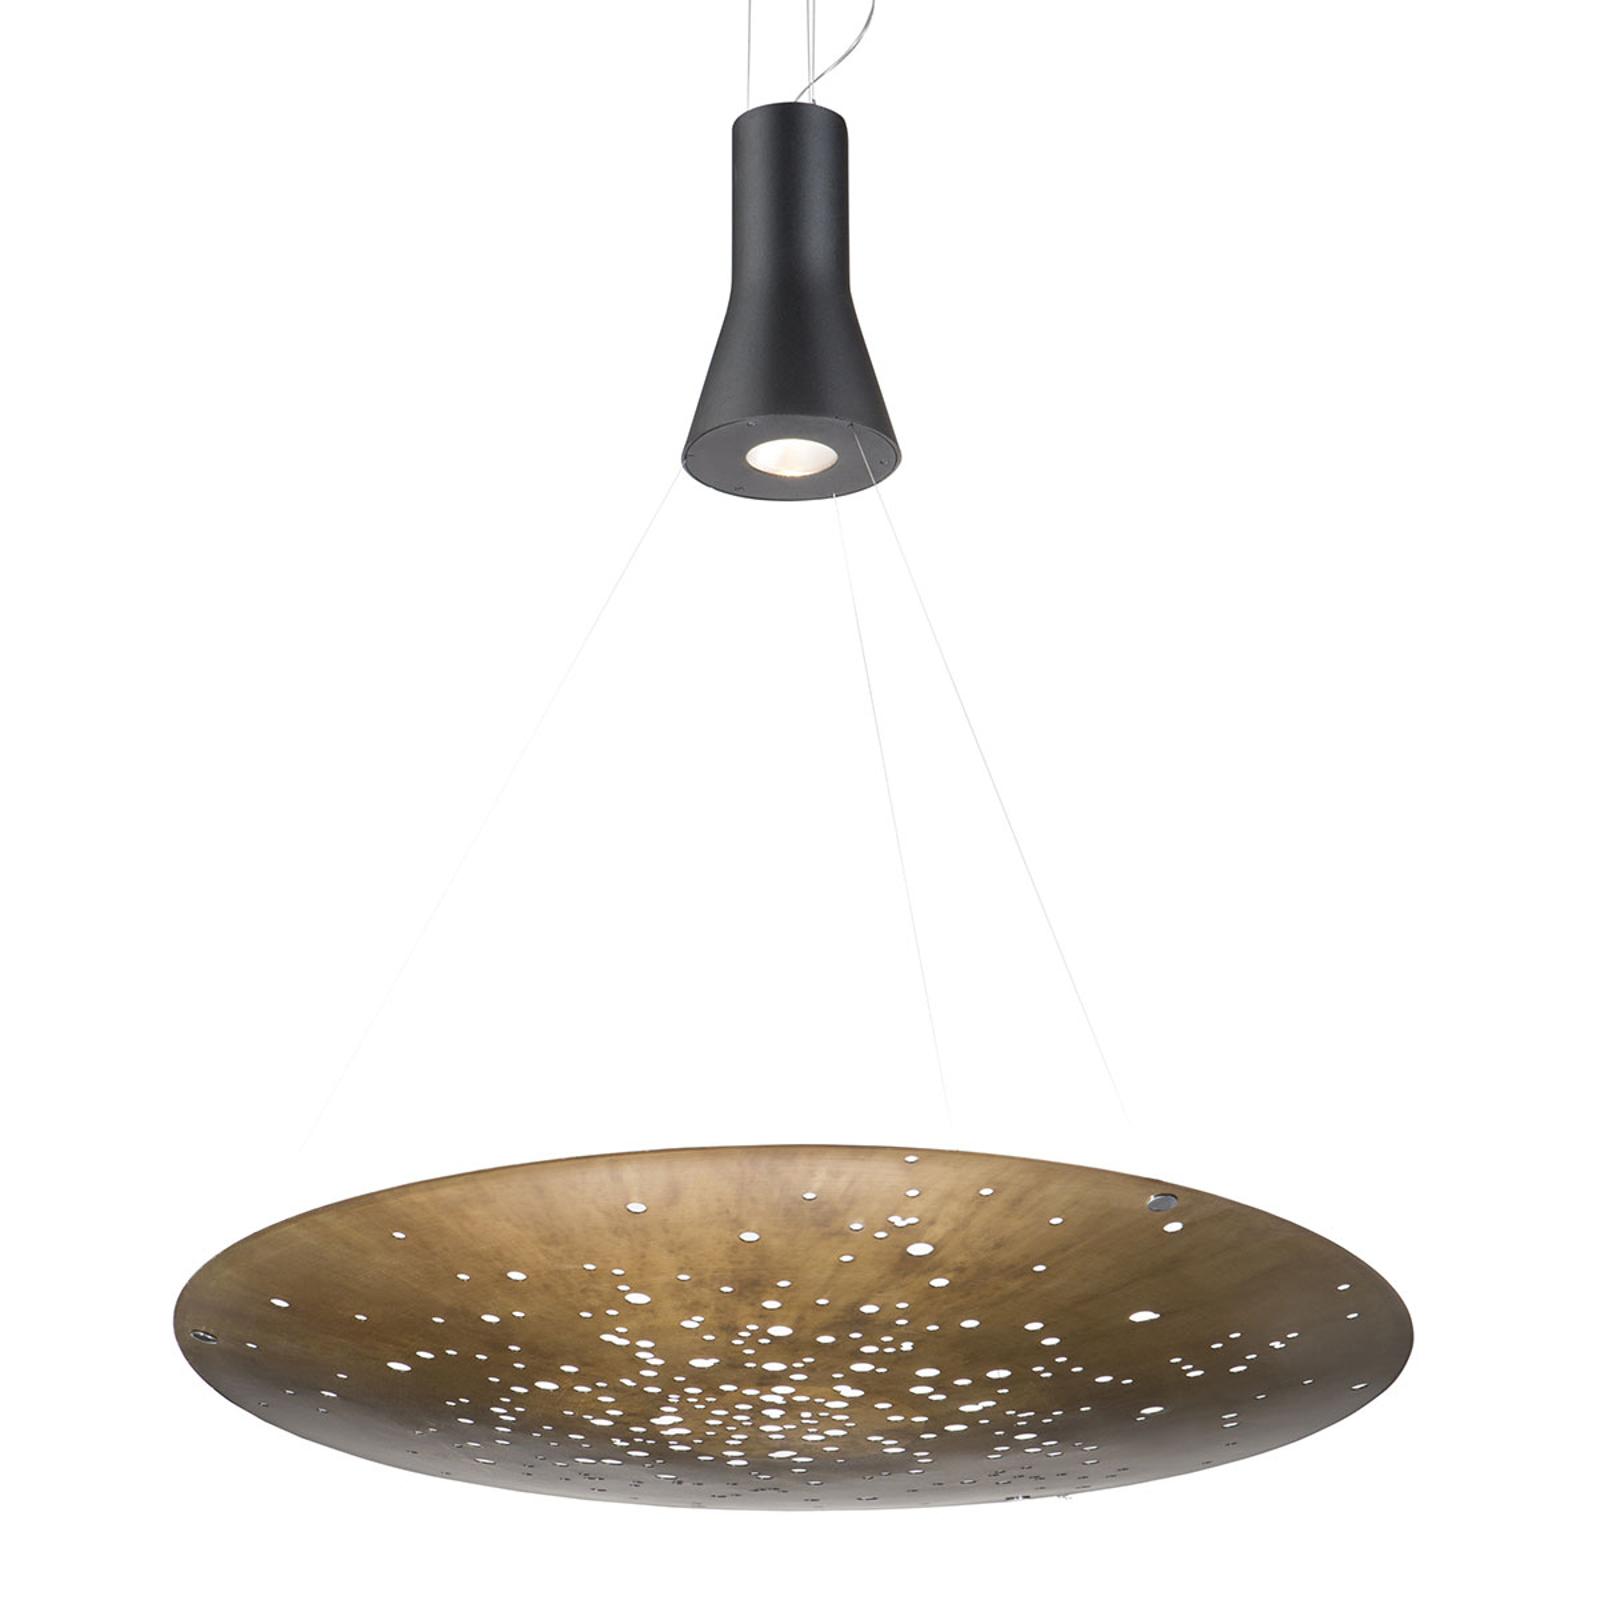 Fabbian Lens LED hanglamp Ø 90 cm brons